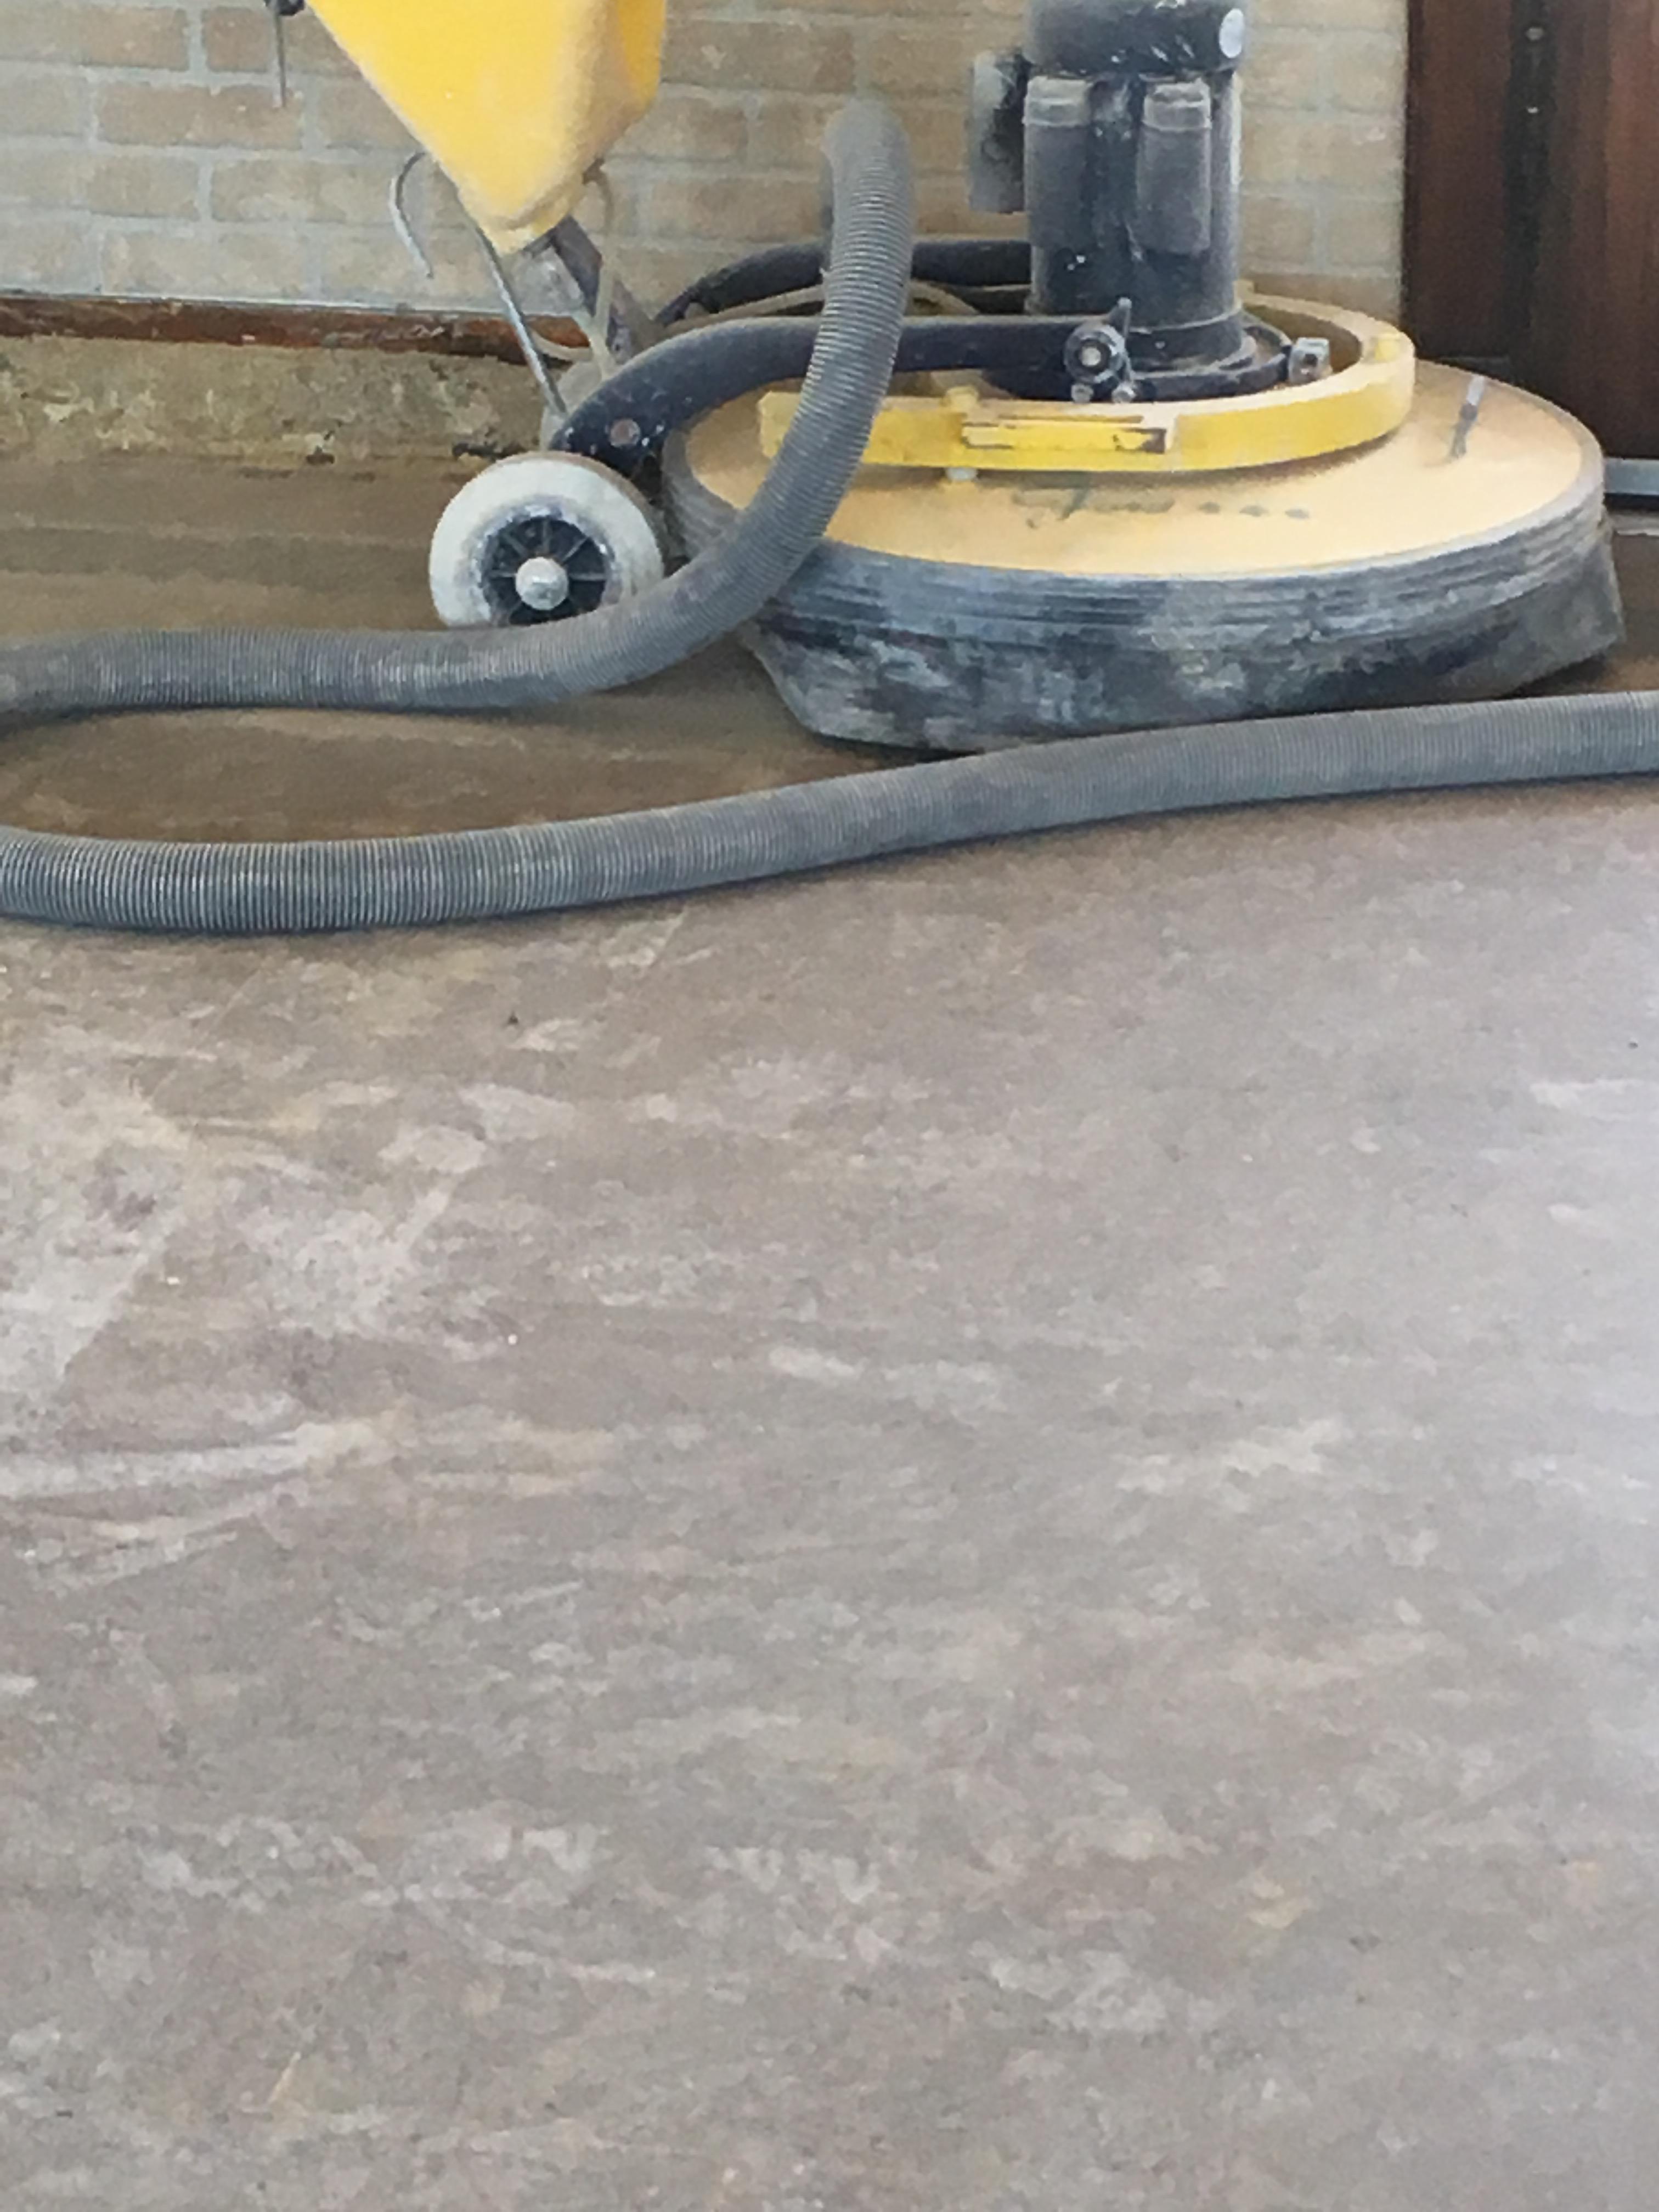 Grinding the Floor